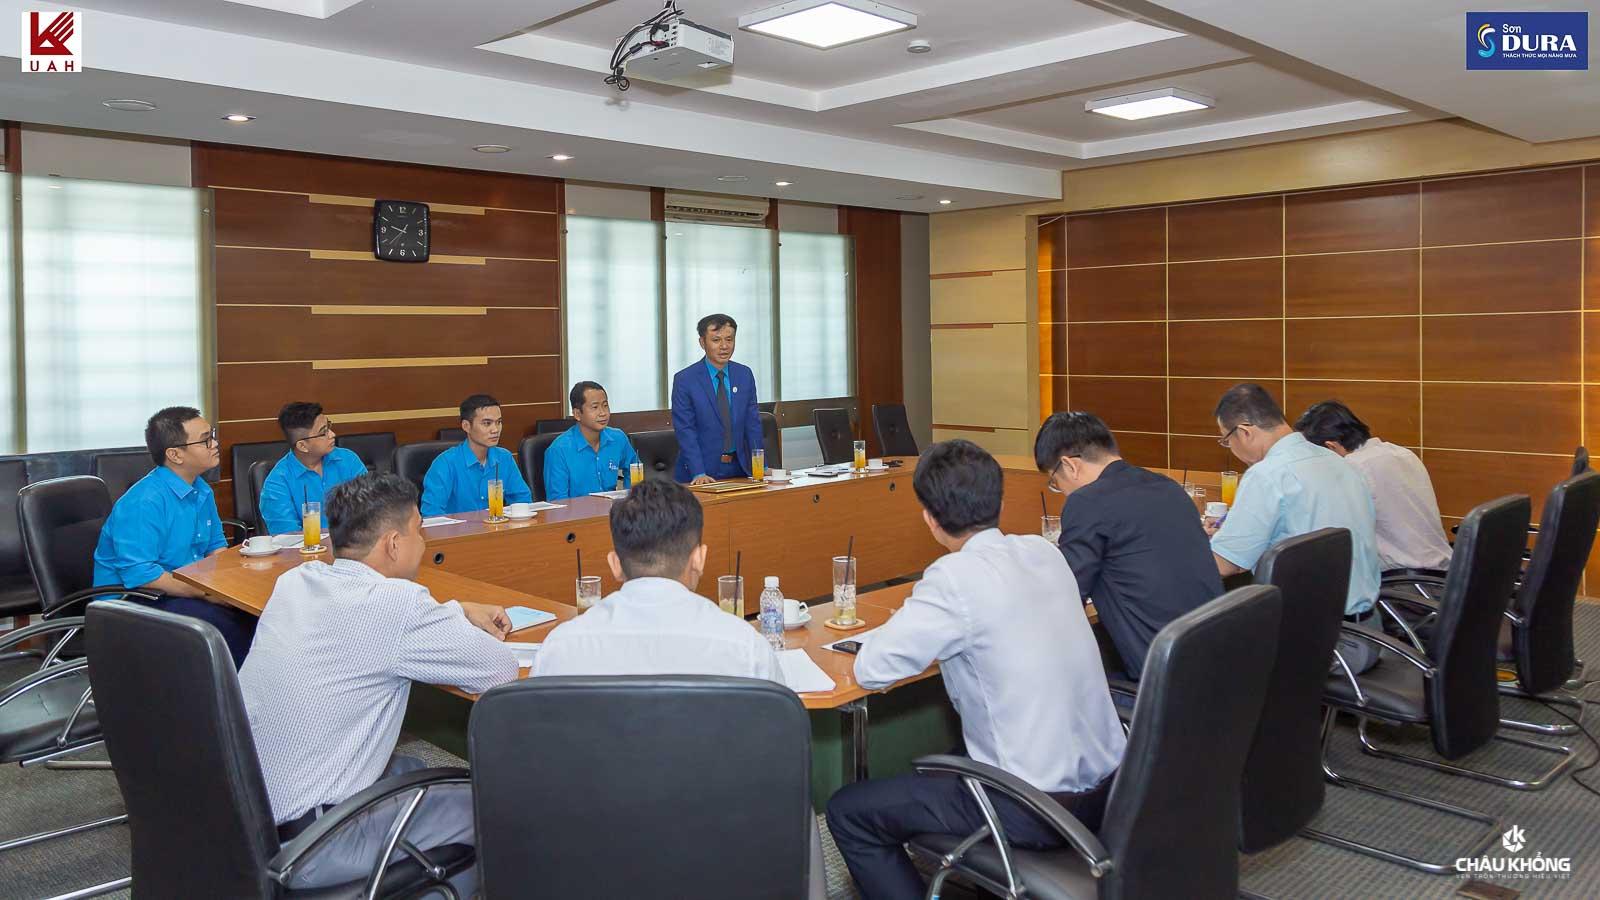 Ông Phan Anh Tuấn – Tổng giám đốc Công ty Sơn DURA phát biểu tại buổi họp